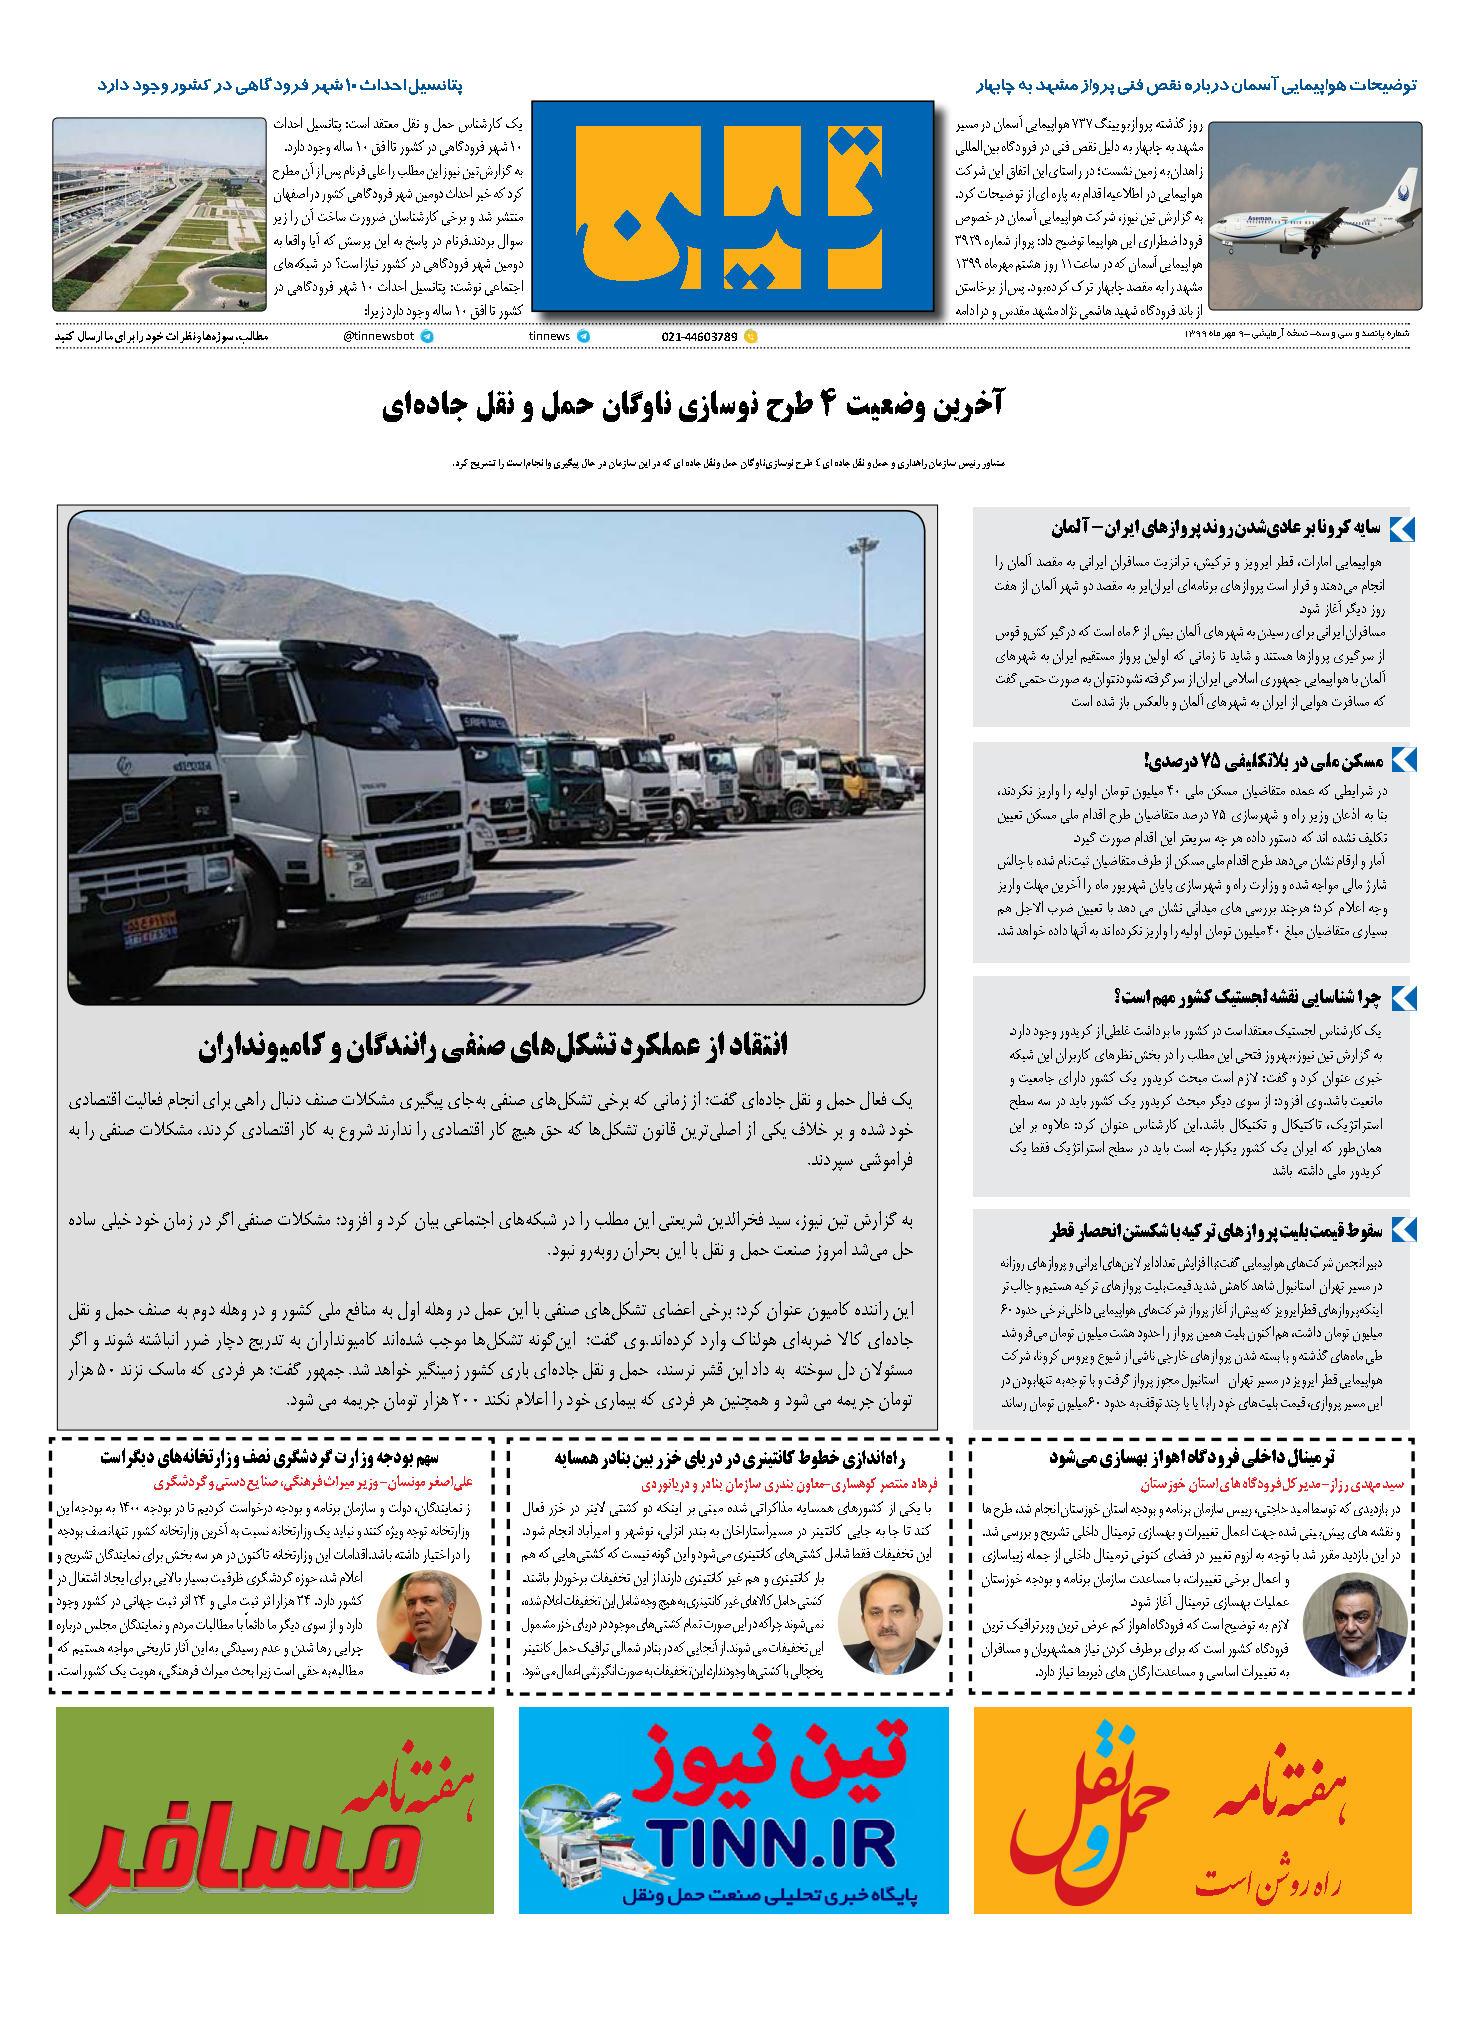 روزنامه الکترونیک 9 مهر ماه 99